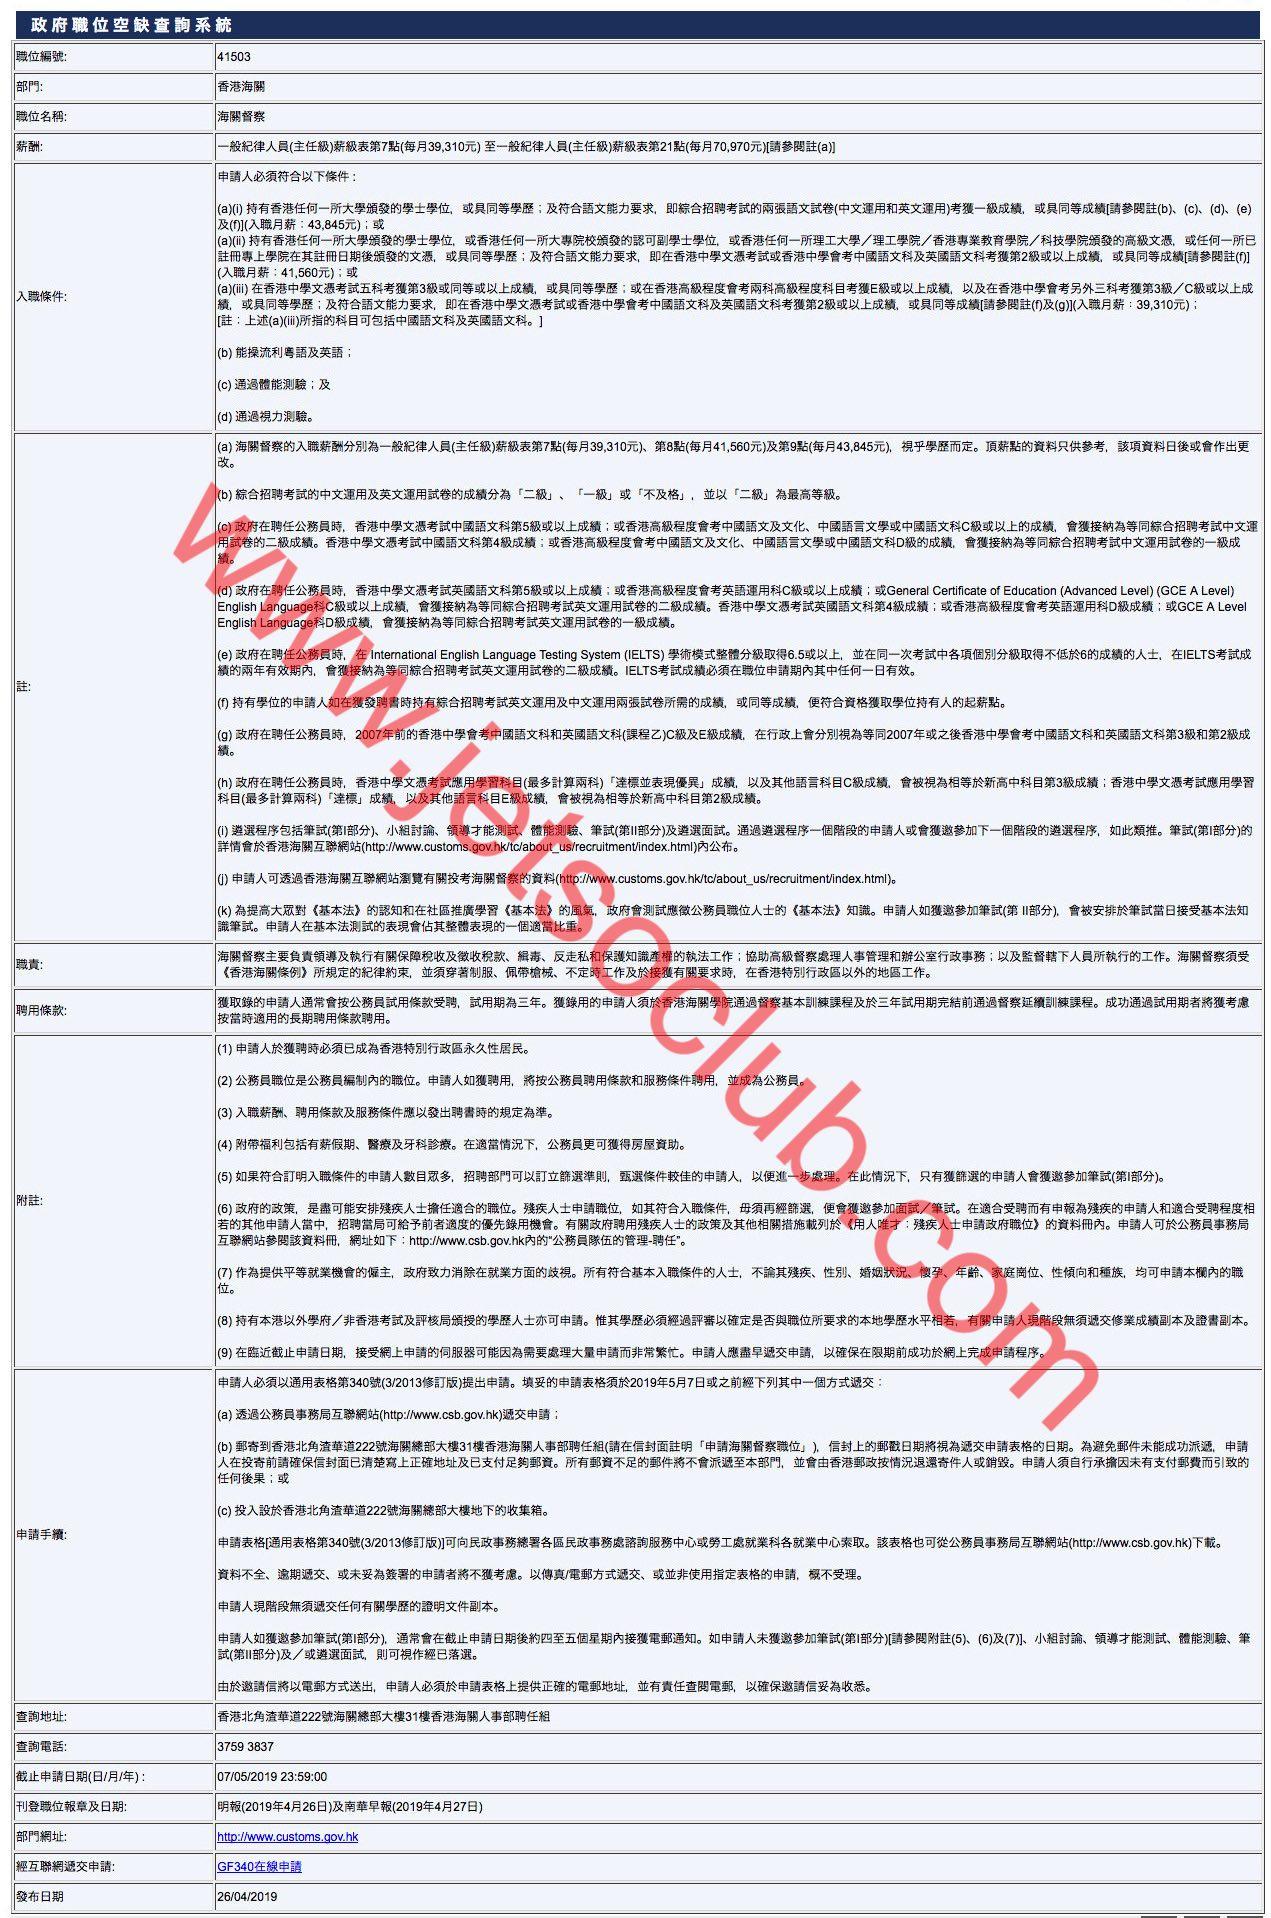 香港海關:招聘「見習督察」起薪點$39310 DSE五科3 可投考(截止申請:7/5) ( Jetso Club 著數俱樂部 )